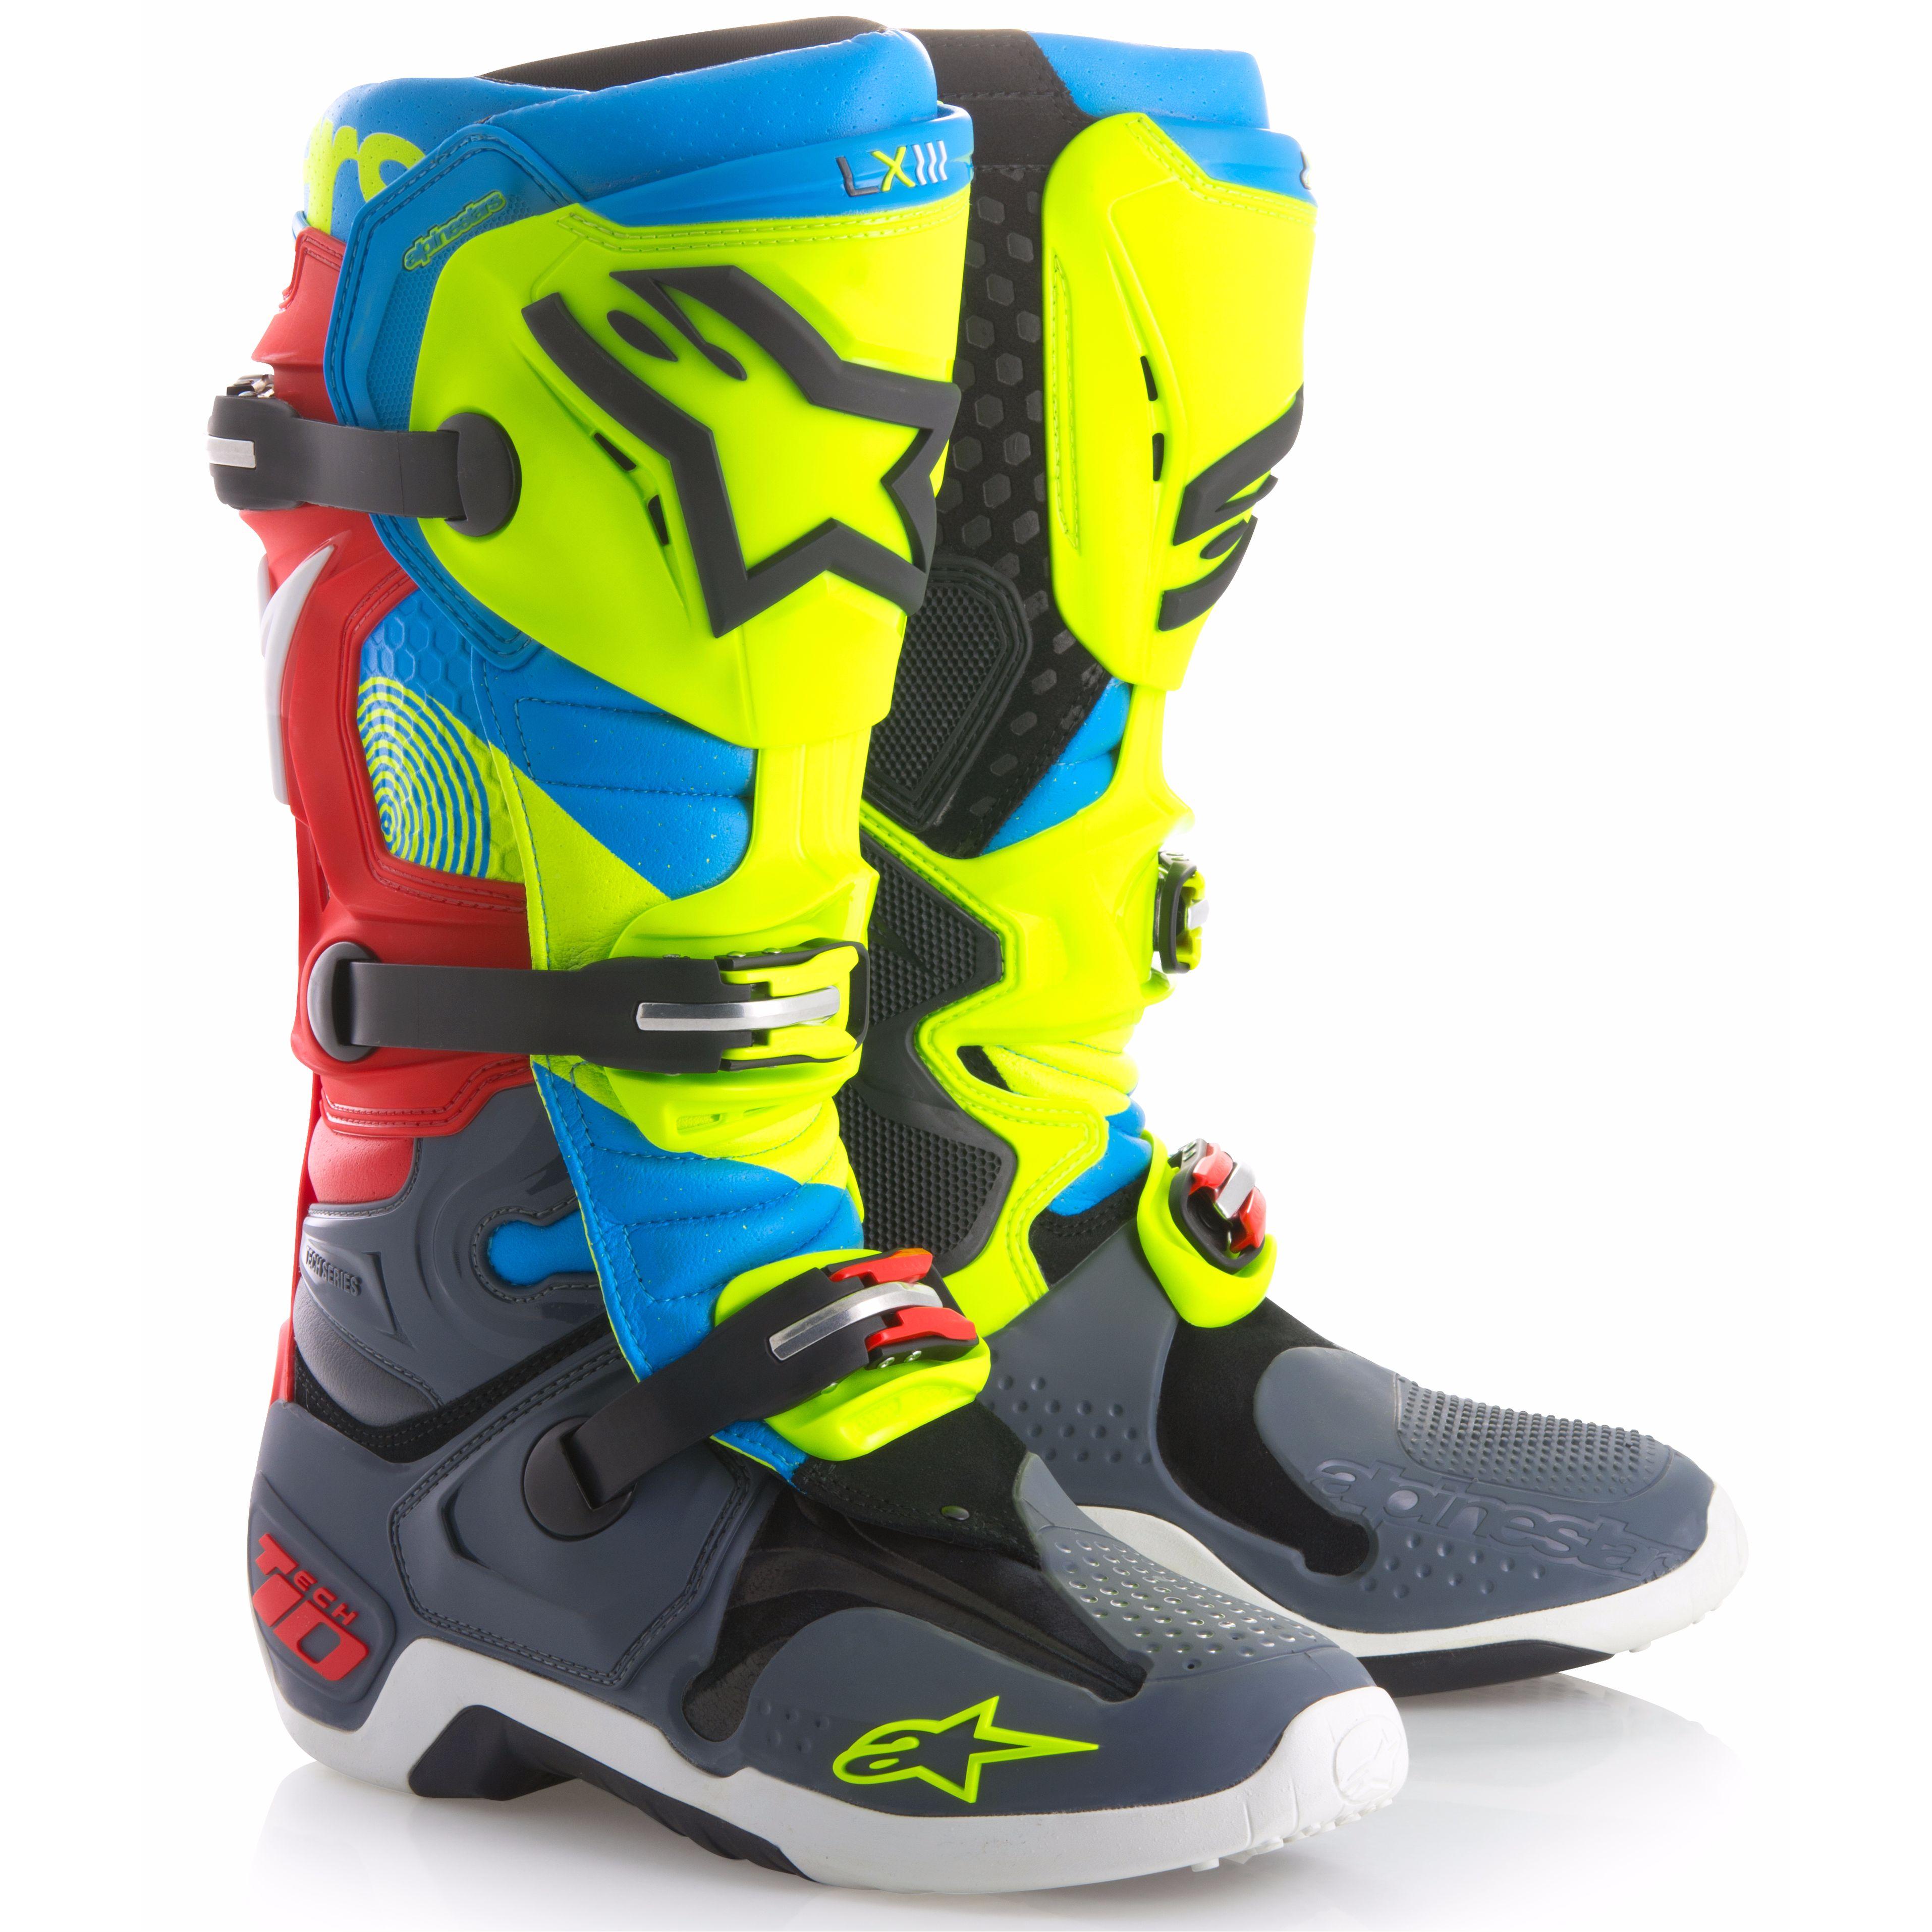 Bottes Cross Alpinestars Tech 10 - Edition Limitée Union - Bleu Jaune Fluo Rouge -